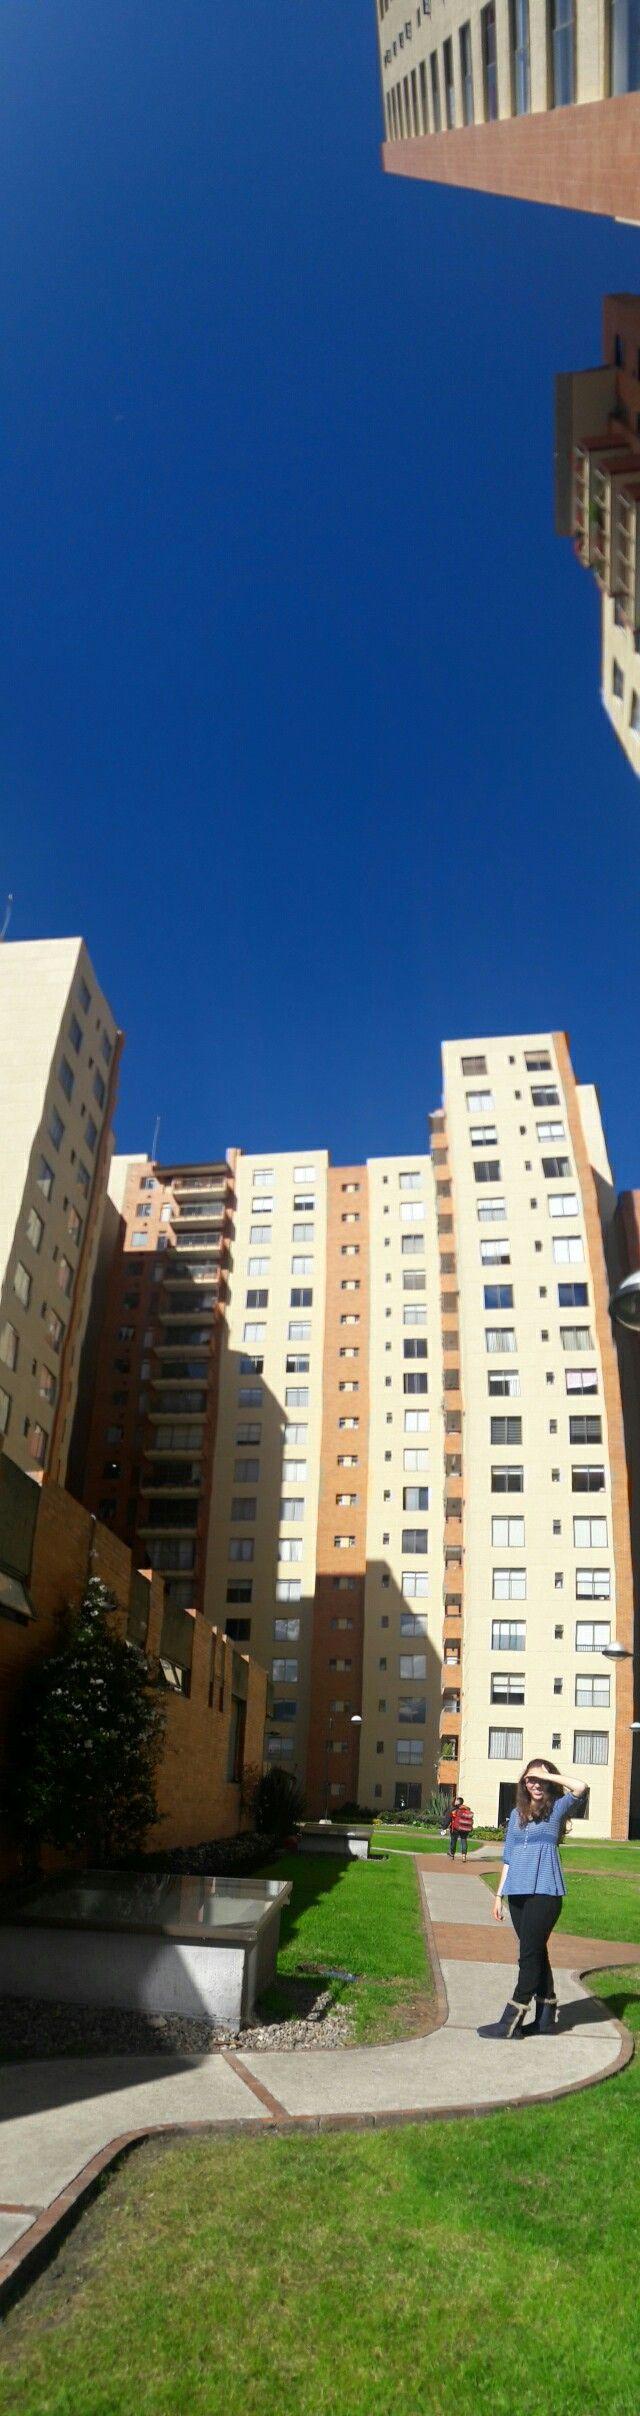 Construcciones en Bogotá, Colombia 🇨🇴